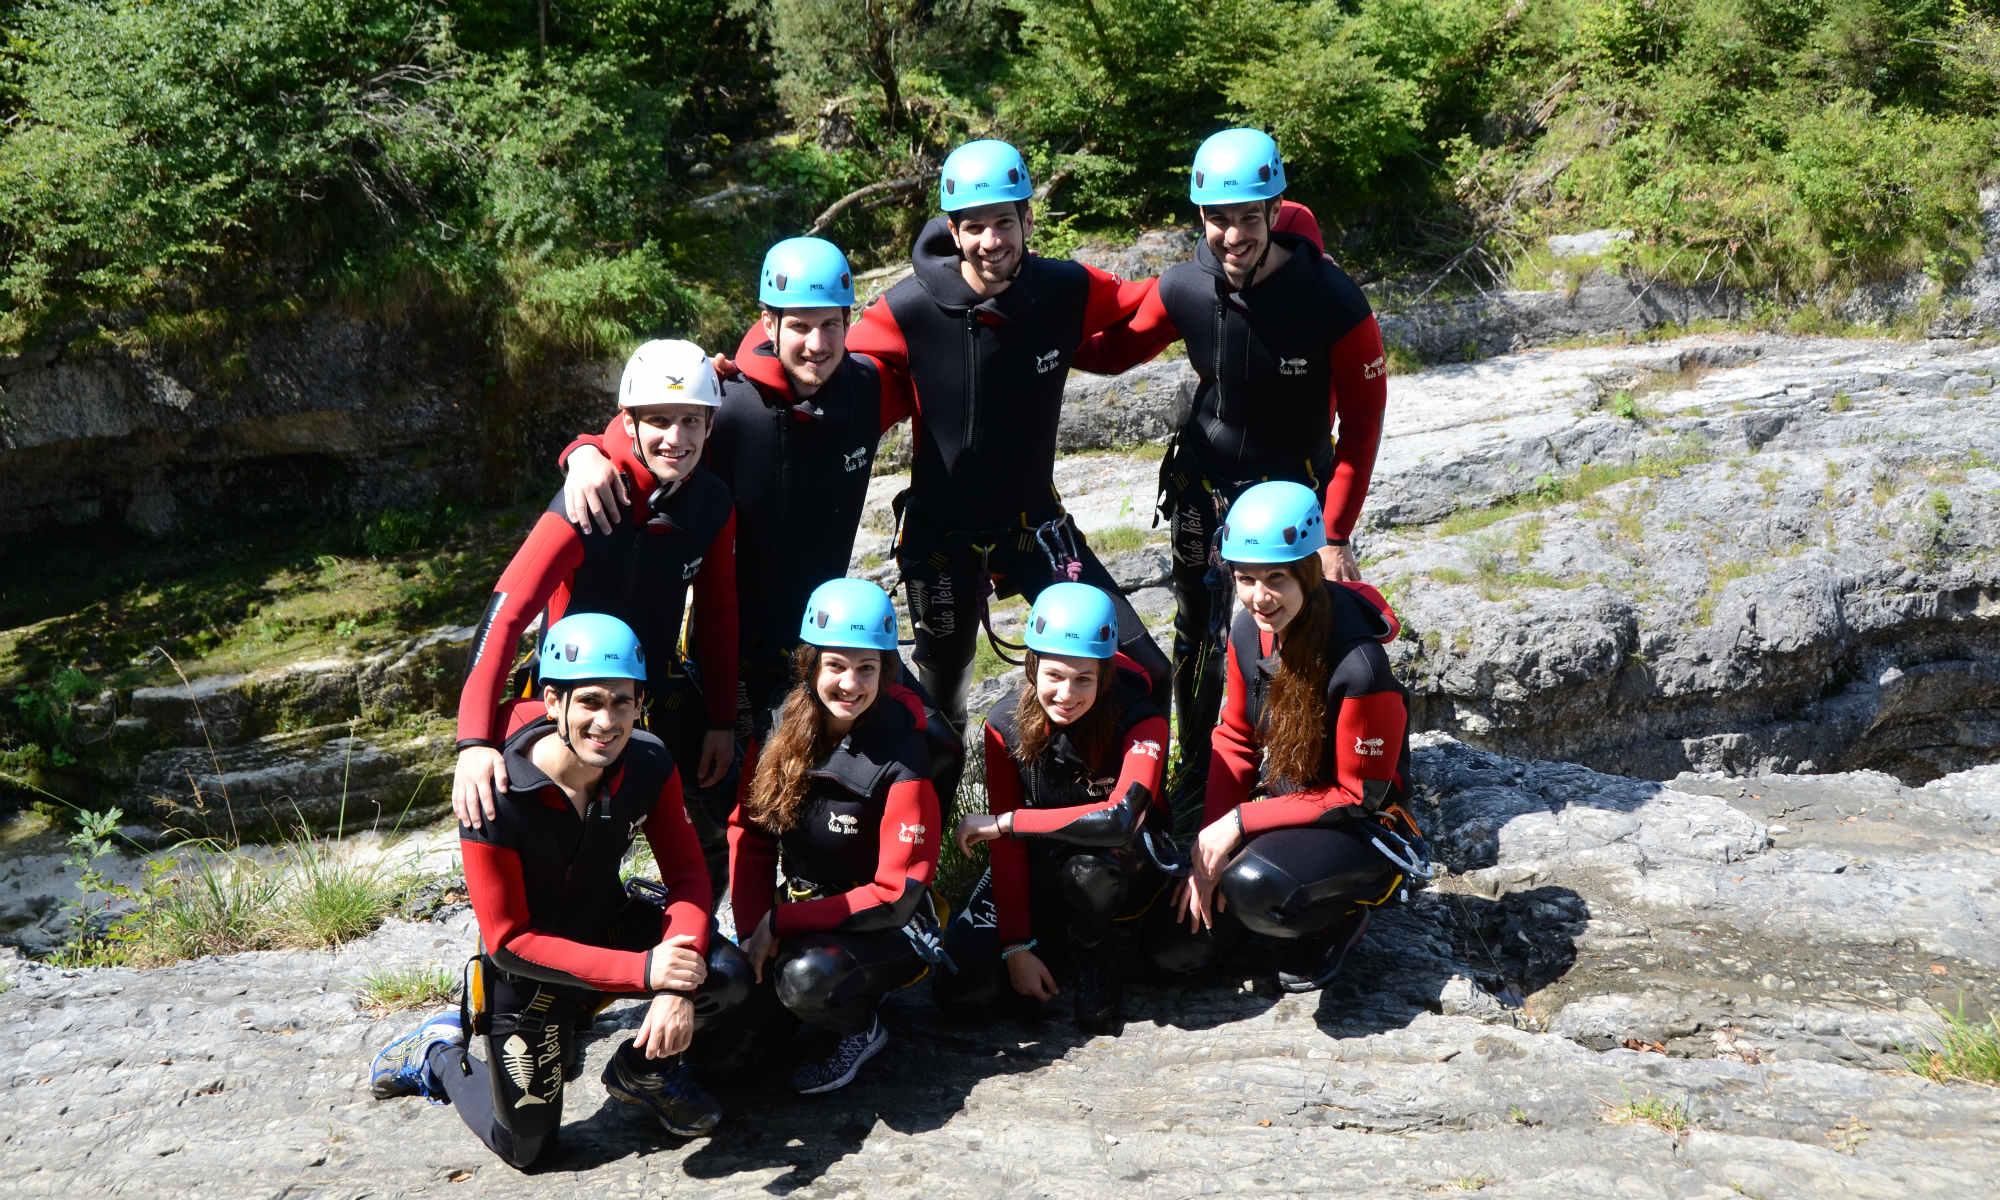 Un gruppo ha indossato l'attrezzatura, tuta, imbragatura e casco ed è pronto per fare canyoning.